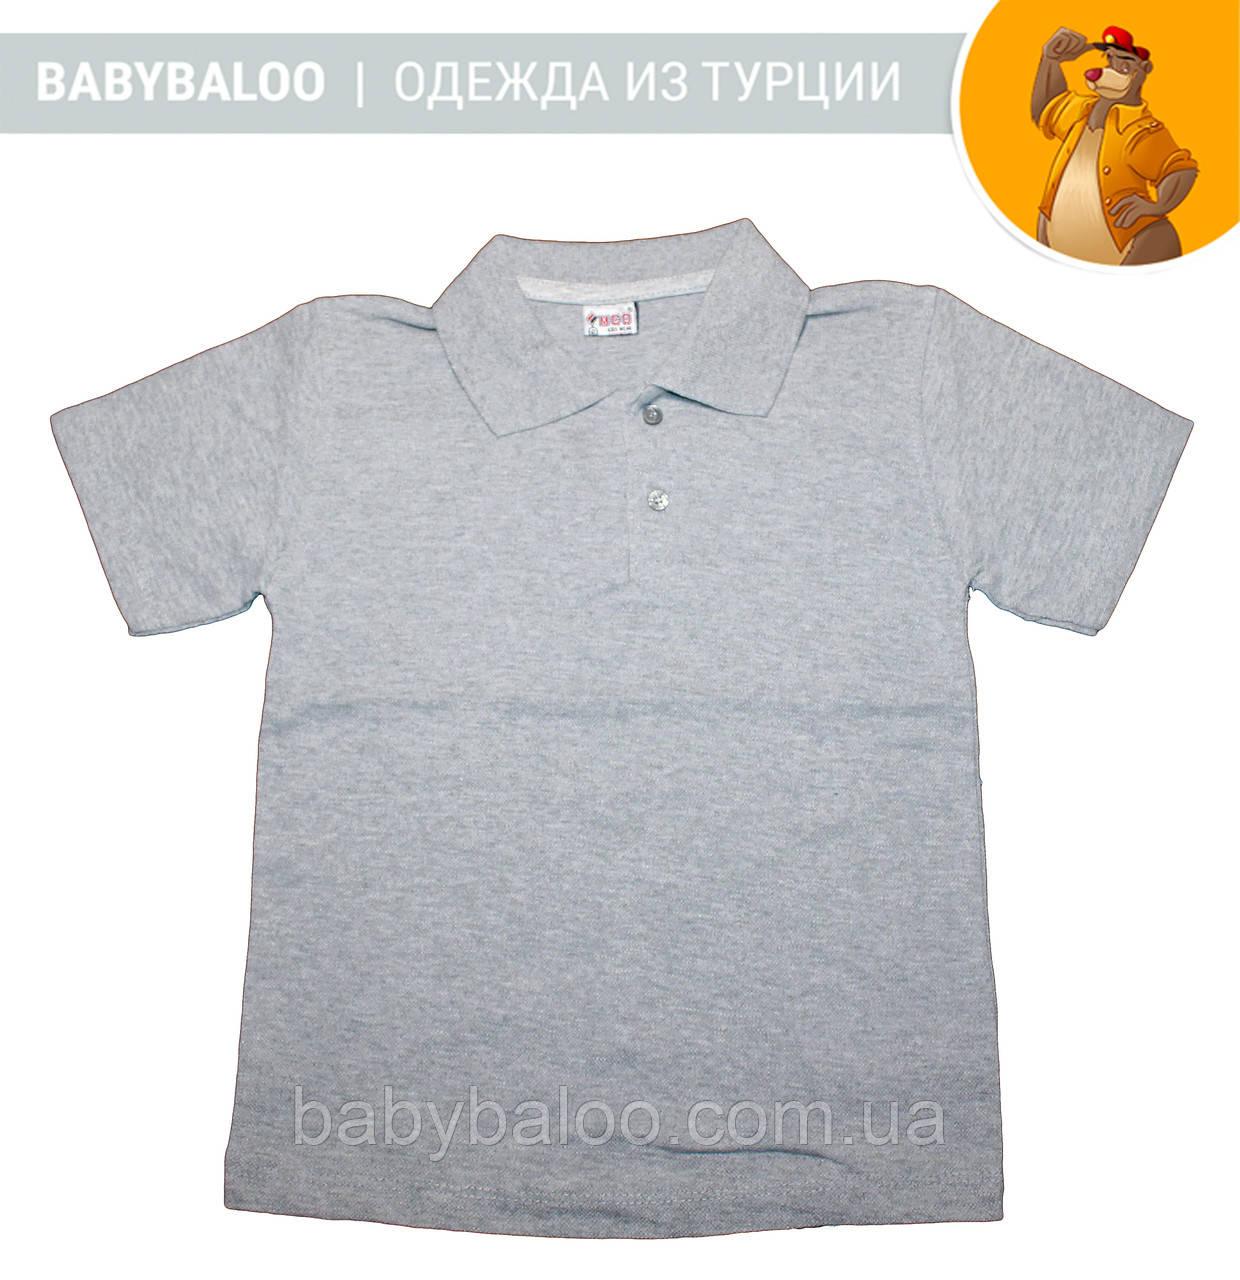 сорочки для мальчиков оптом